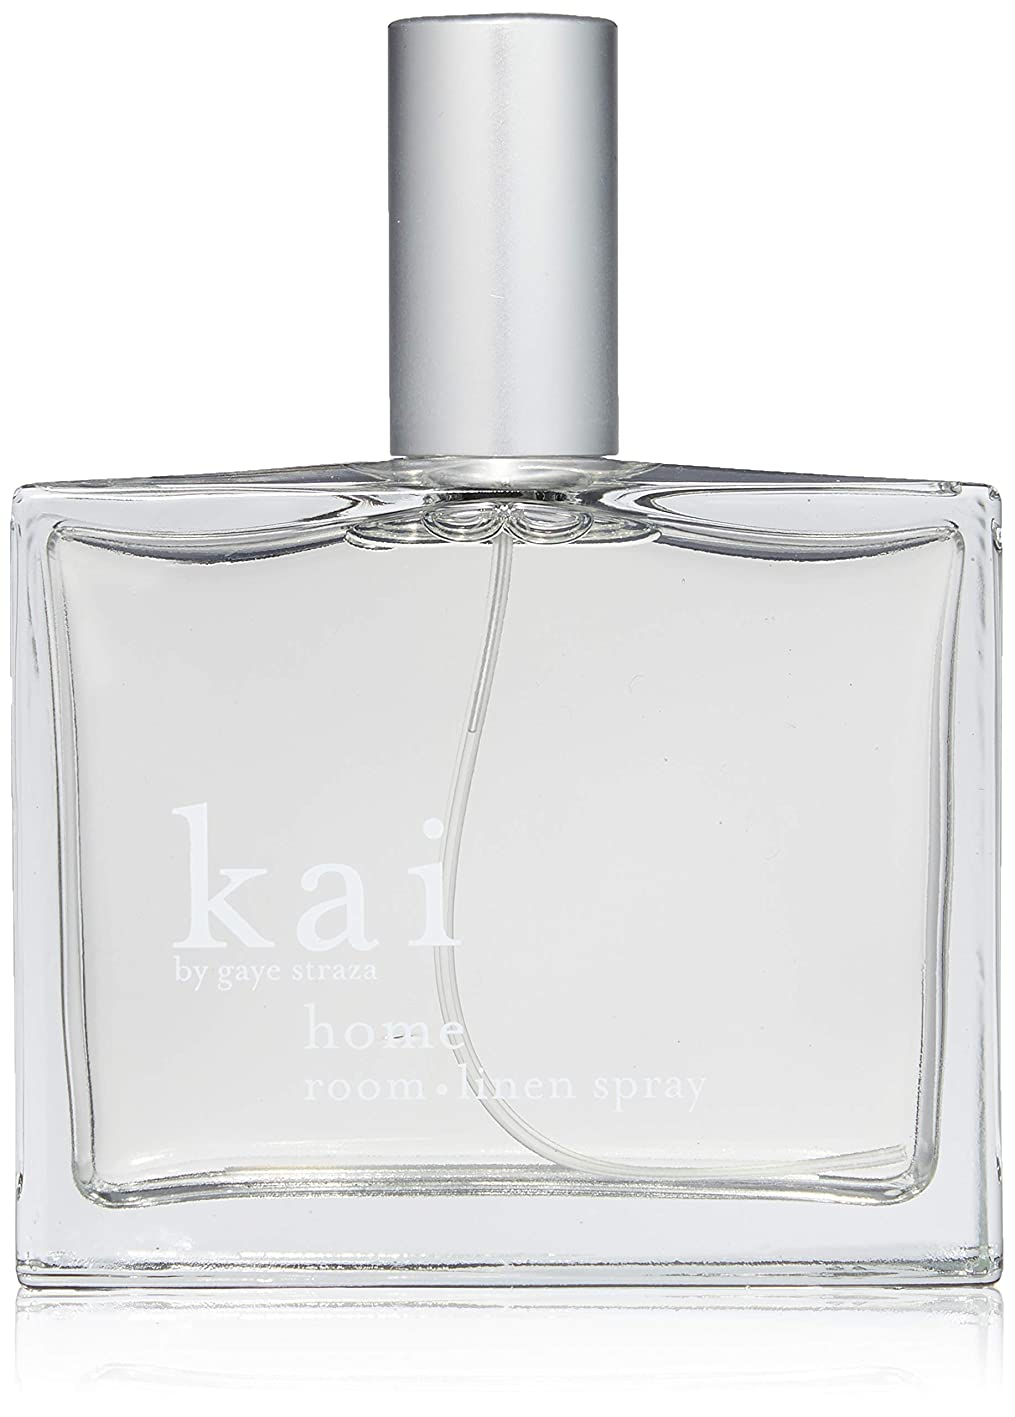 簡単なタッチに対してkai fragrance(カイ フレグランス) ルームリネンスプレー 100ml